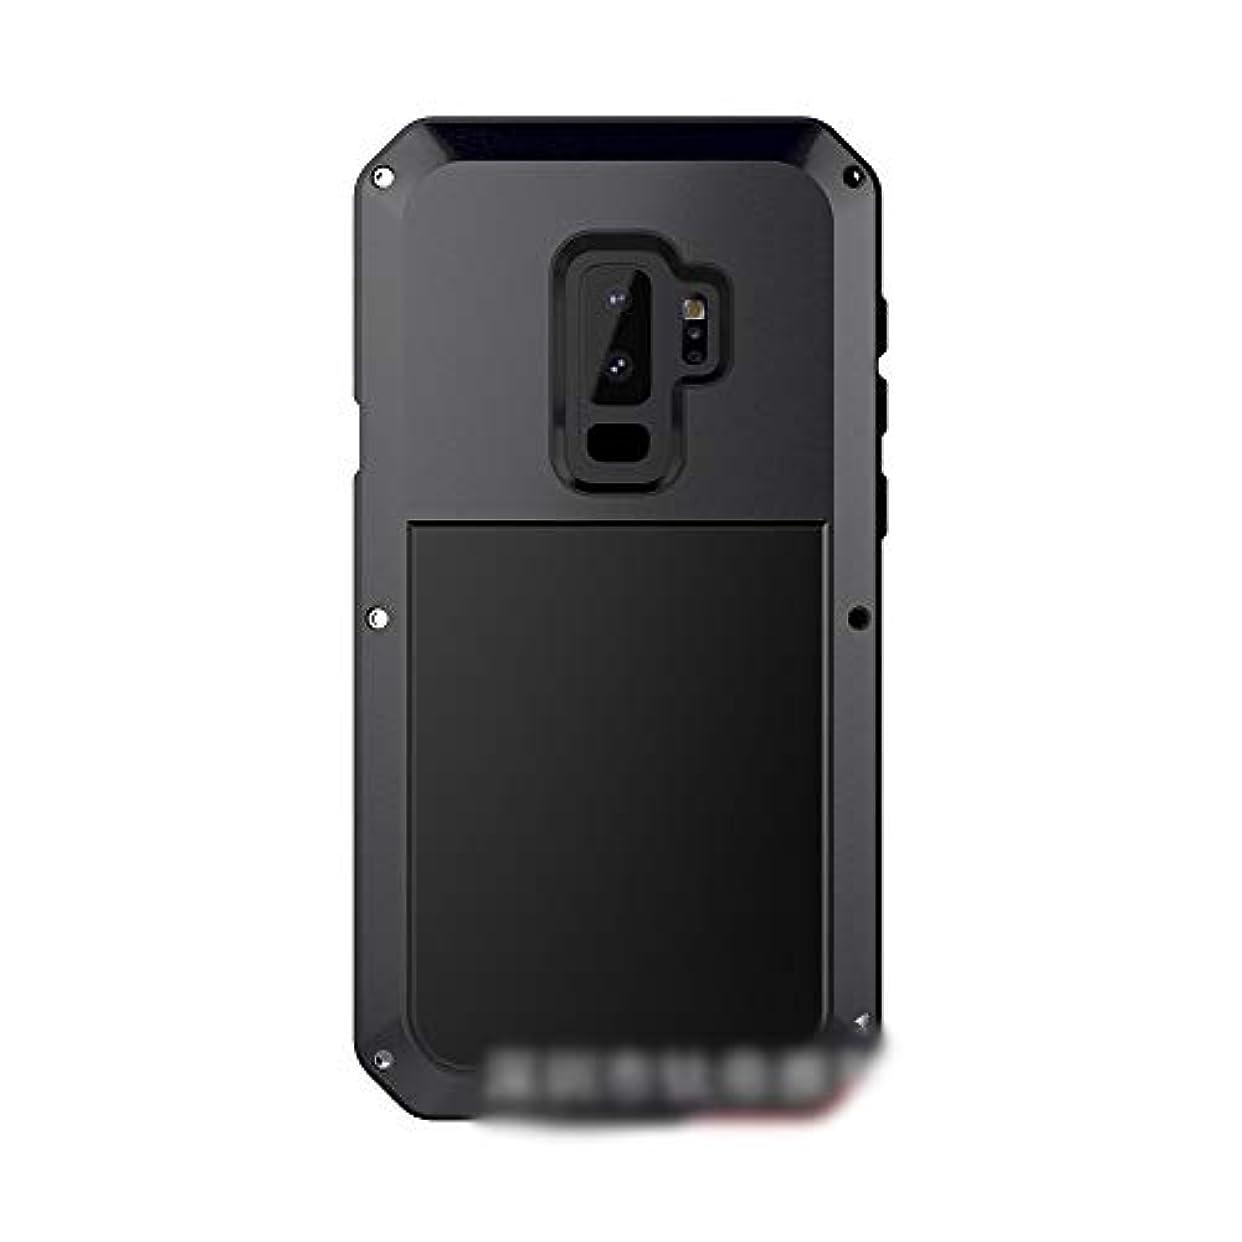 汚染する突き刺す全くTonglilili 電話ケース、サムスンS9プラス、S9、S8プラス、Note8、S8、S7エッジ、S7用の3つの携帯電話シェルメタルシェル新しいハイエンドケース電話ケース (Color : 黒, Edition : S7)